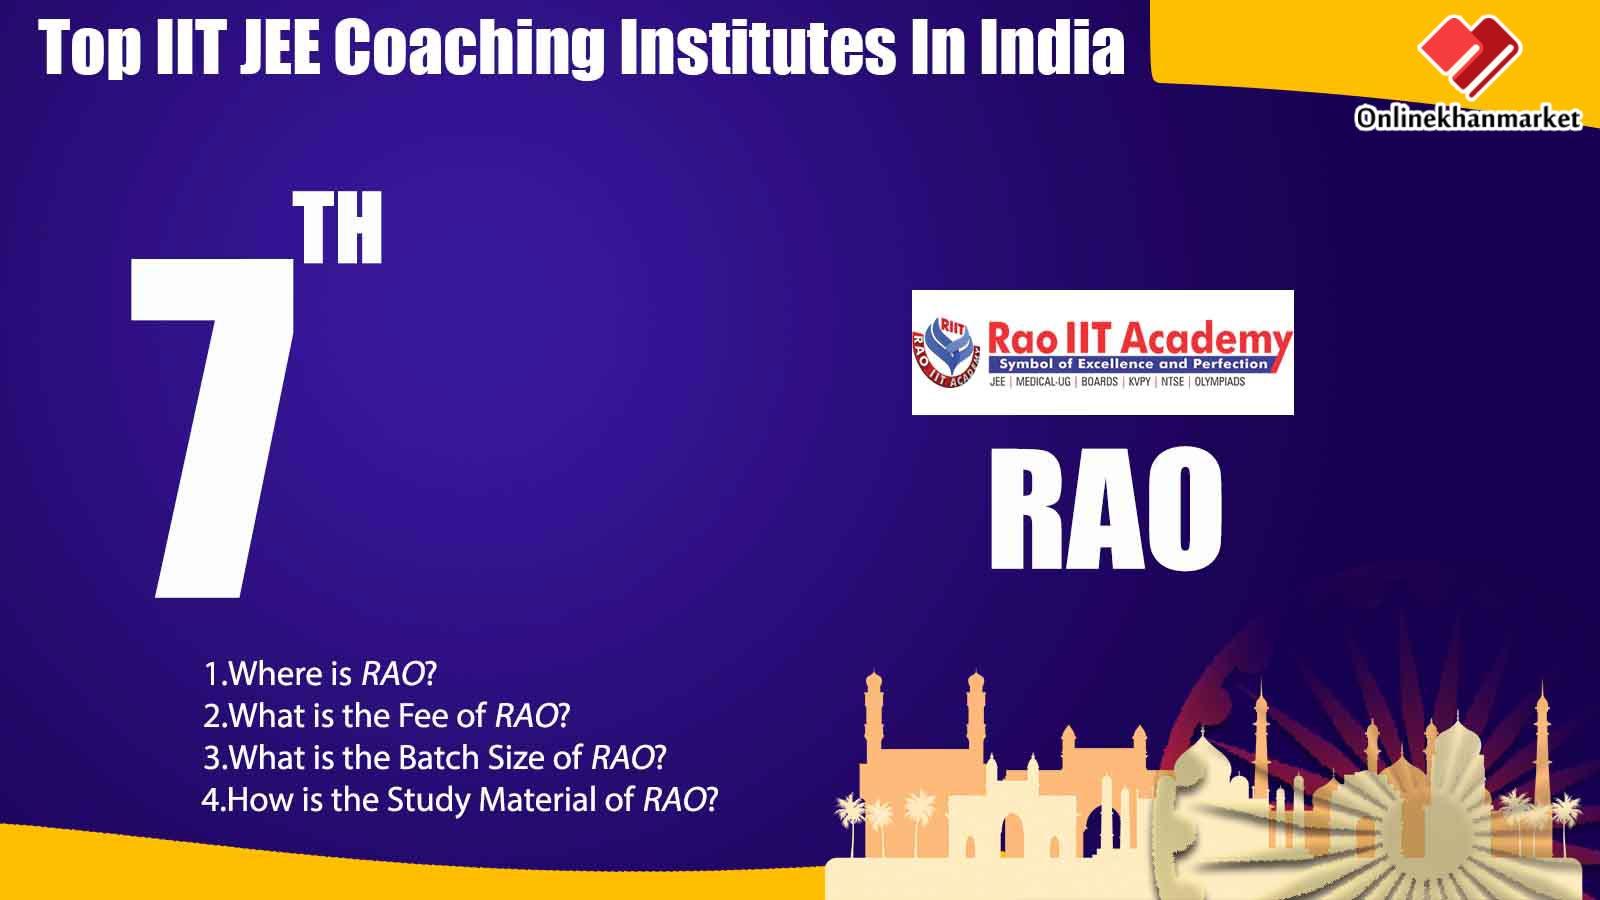 IIT Jee Coaching in India